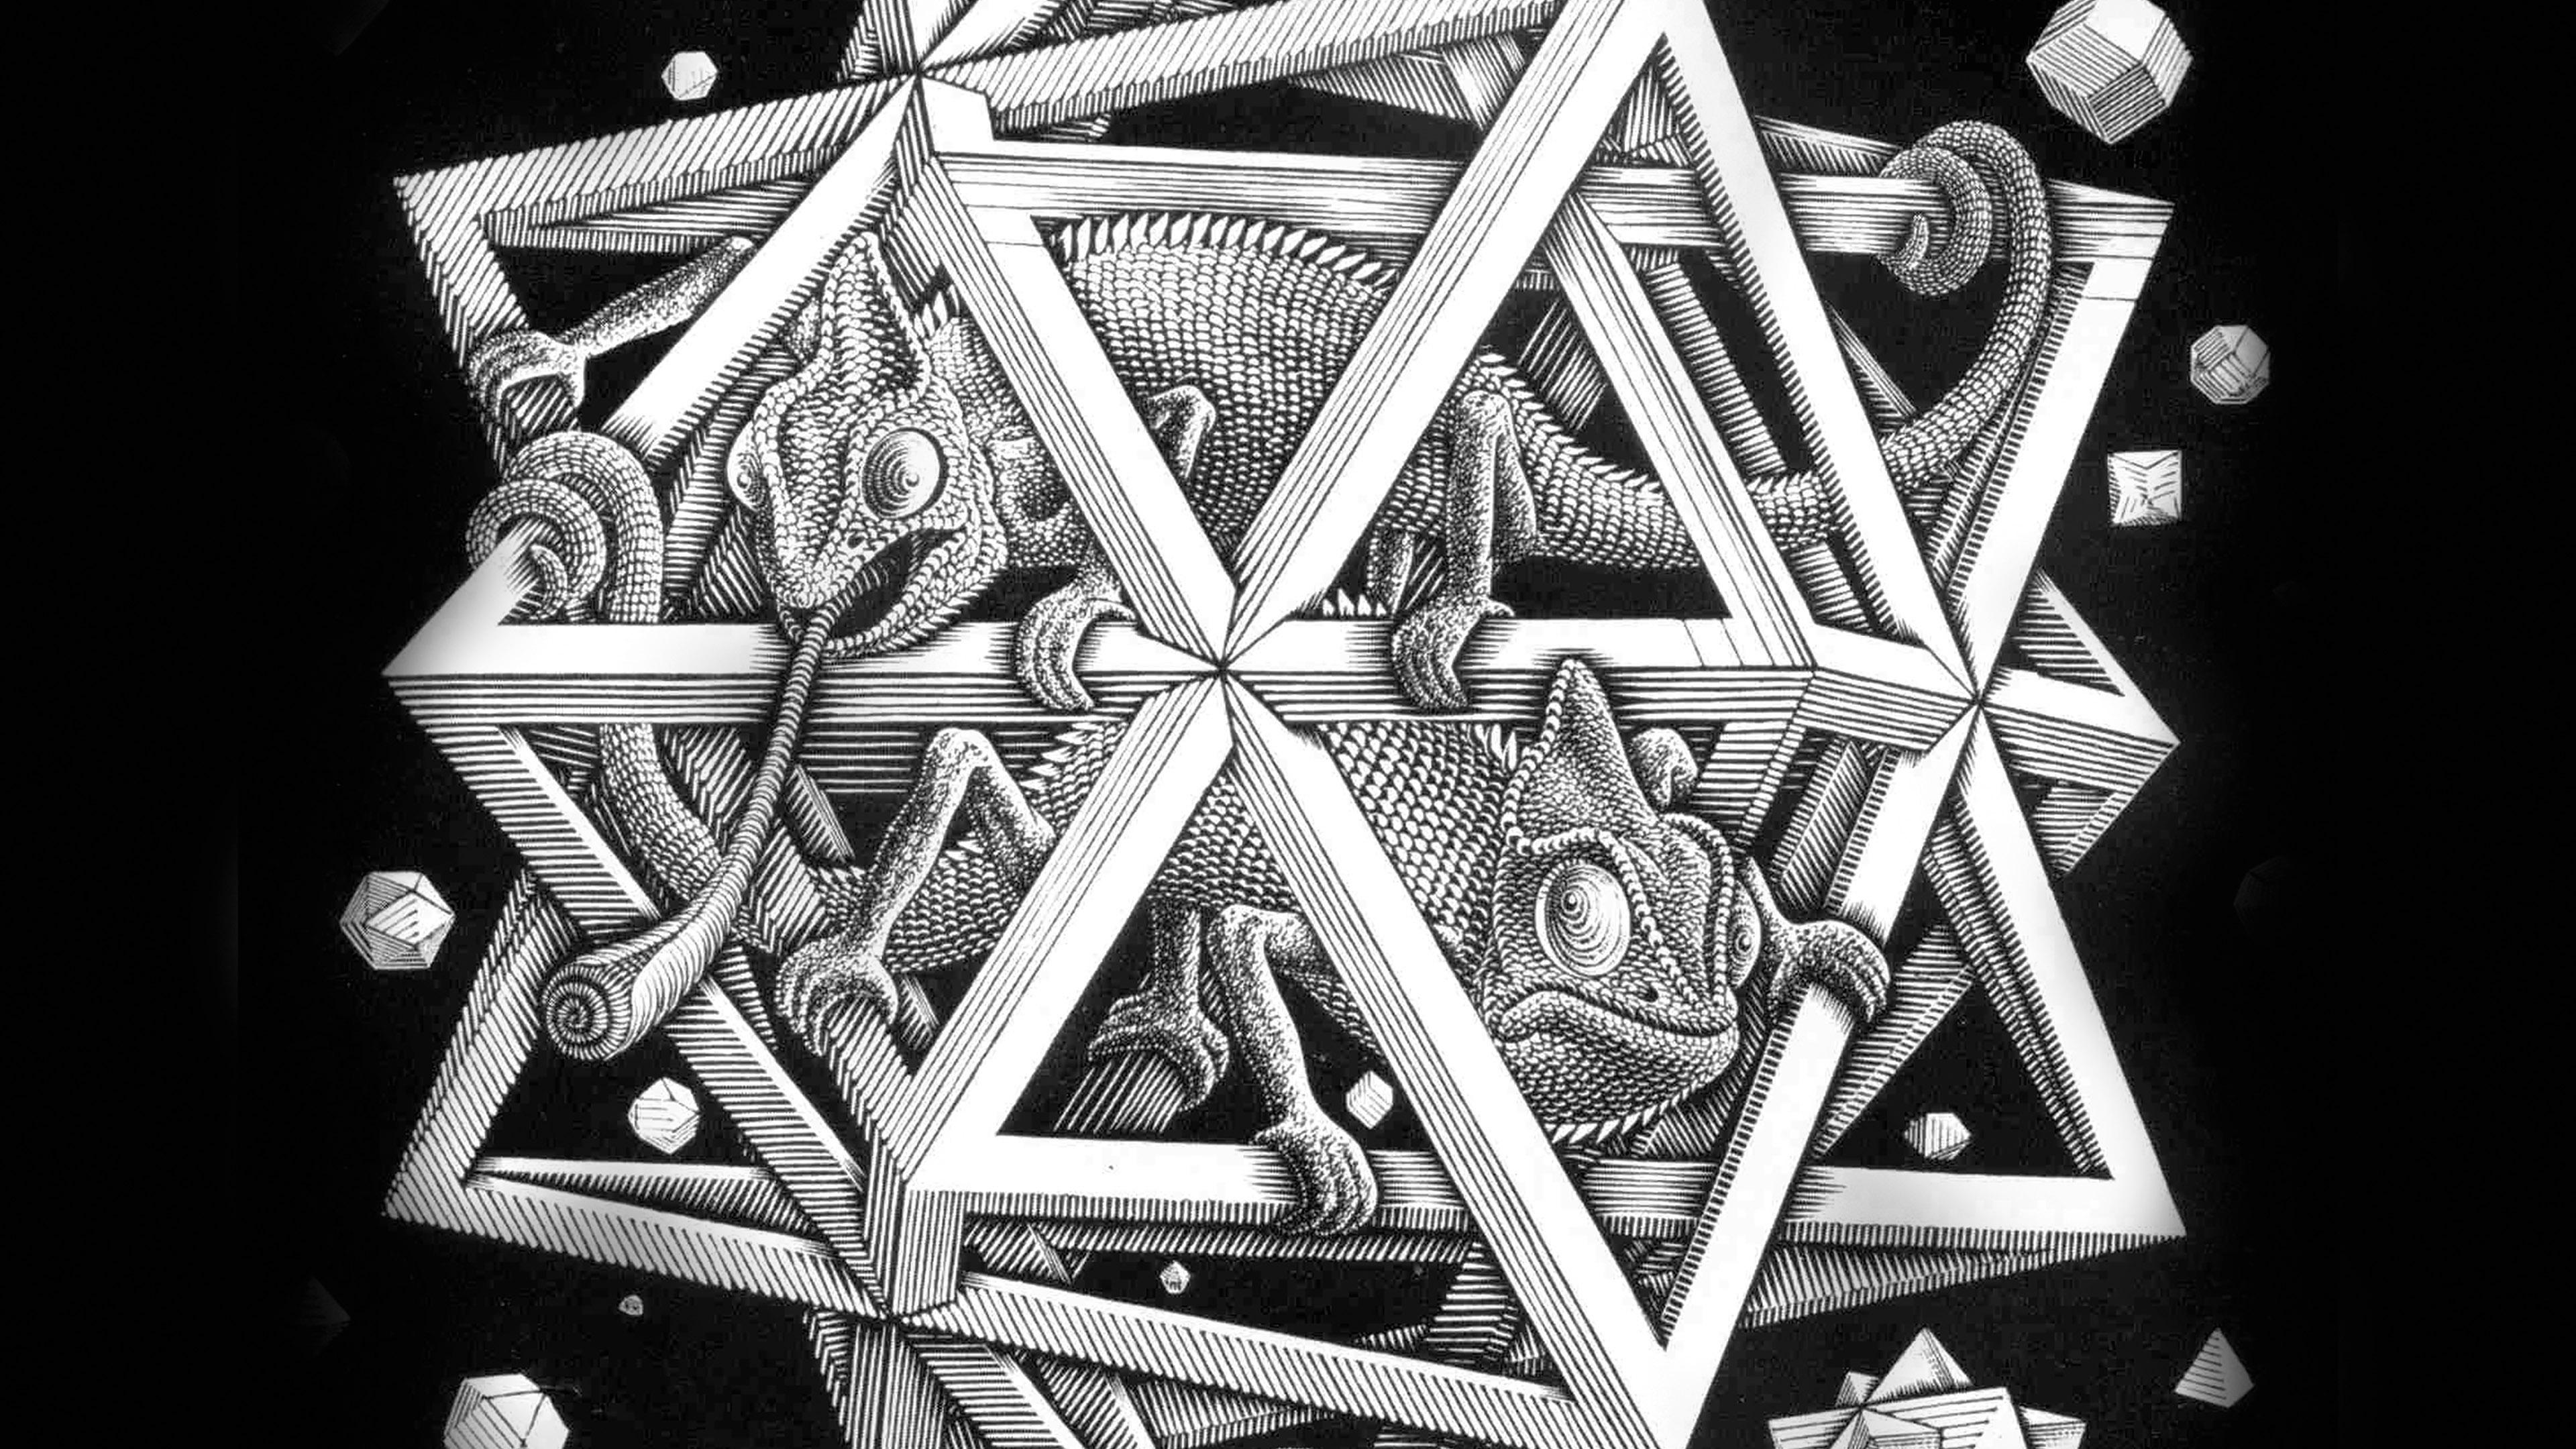 Cute Fall Background Wallpaper Ah71 Mc Escher Space Art Illust Lizard Bw Papers Co